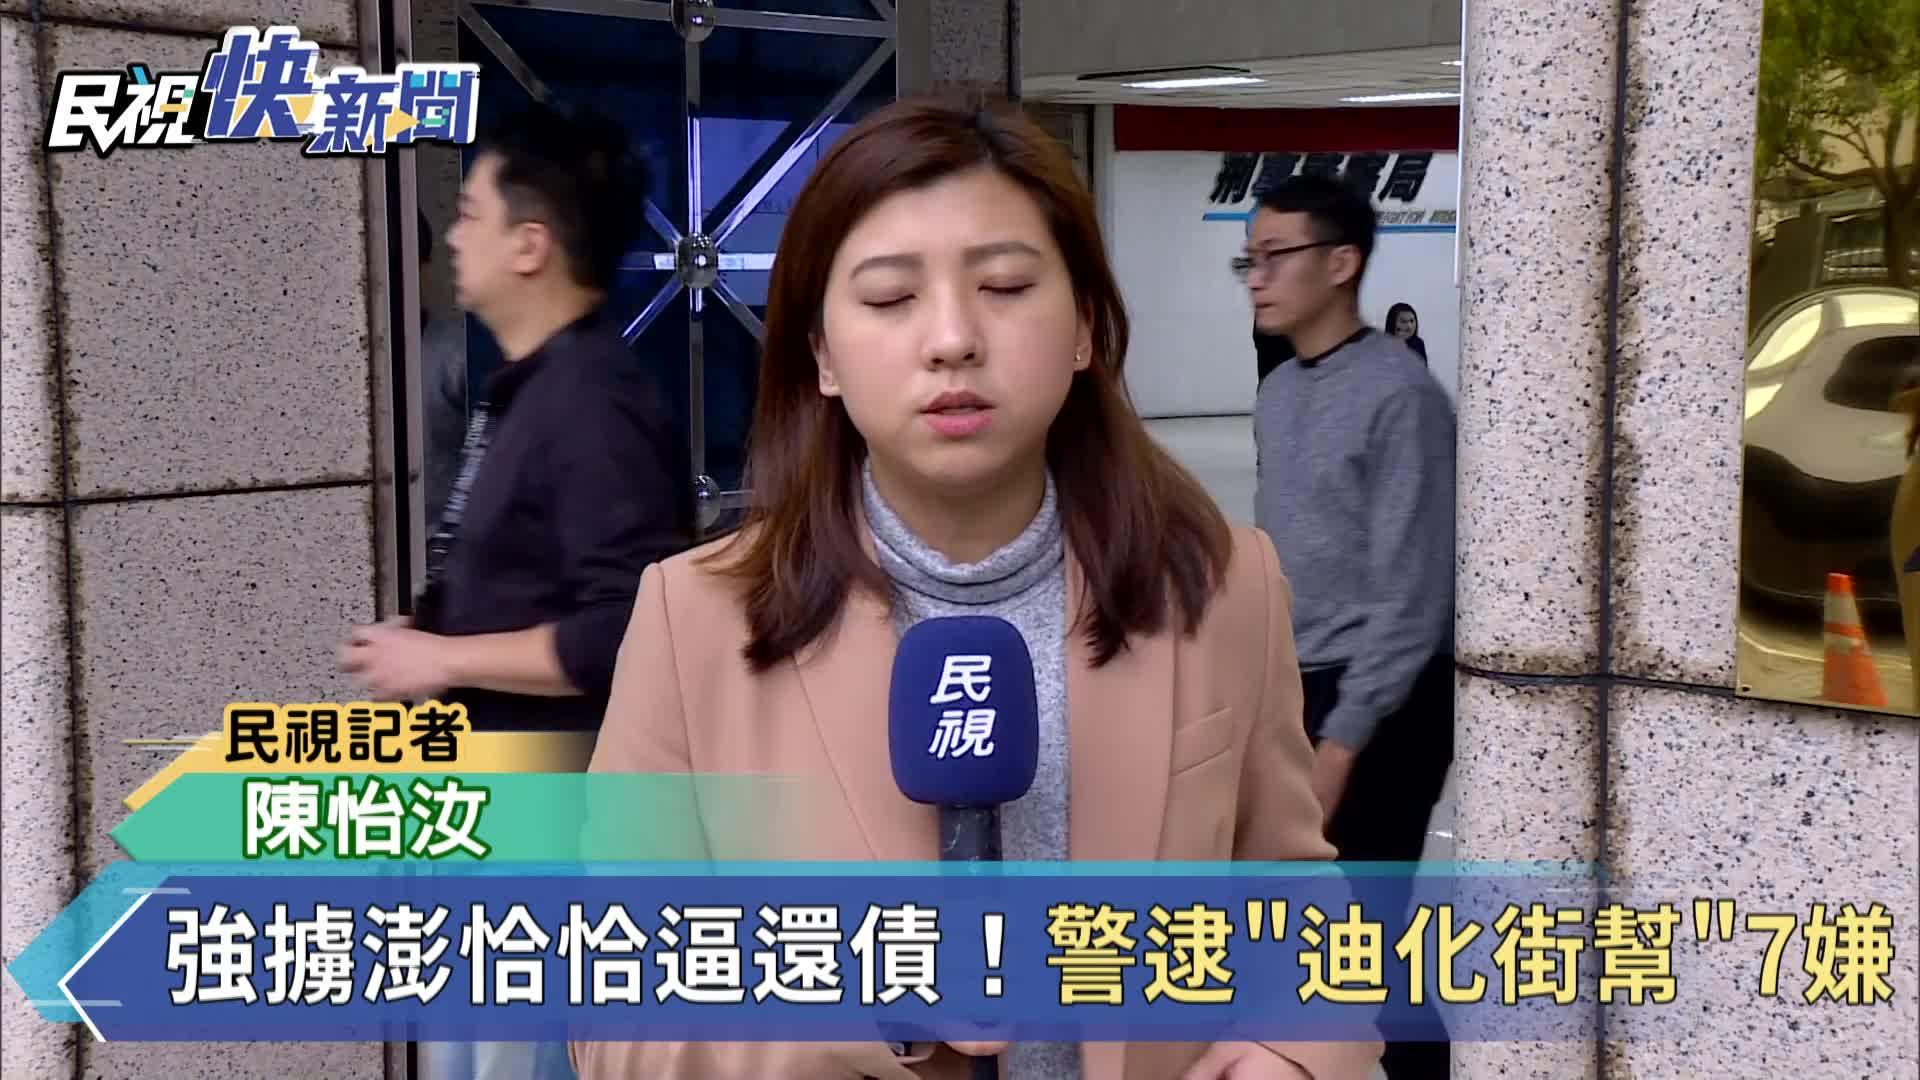 快新聞/「通化街幫」三溫暖喬債逼澎恰恰交房產 警一舉破獲逮7人搜出上千萬贓款